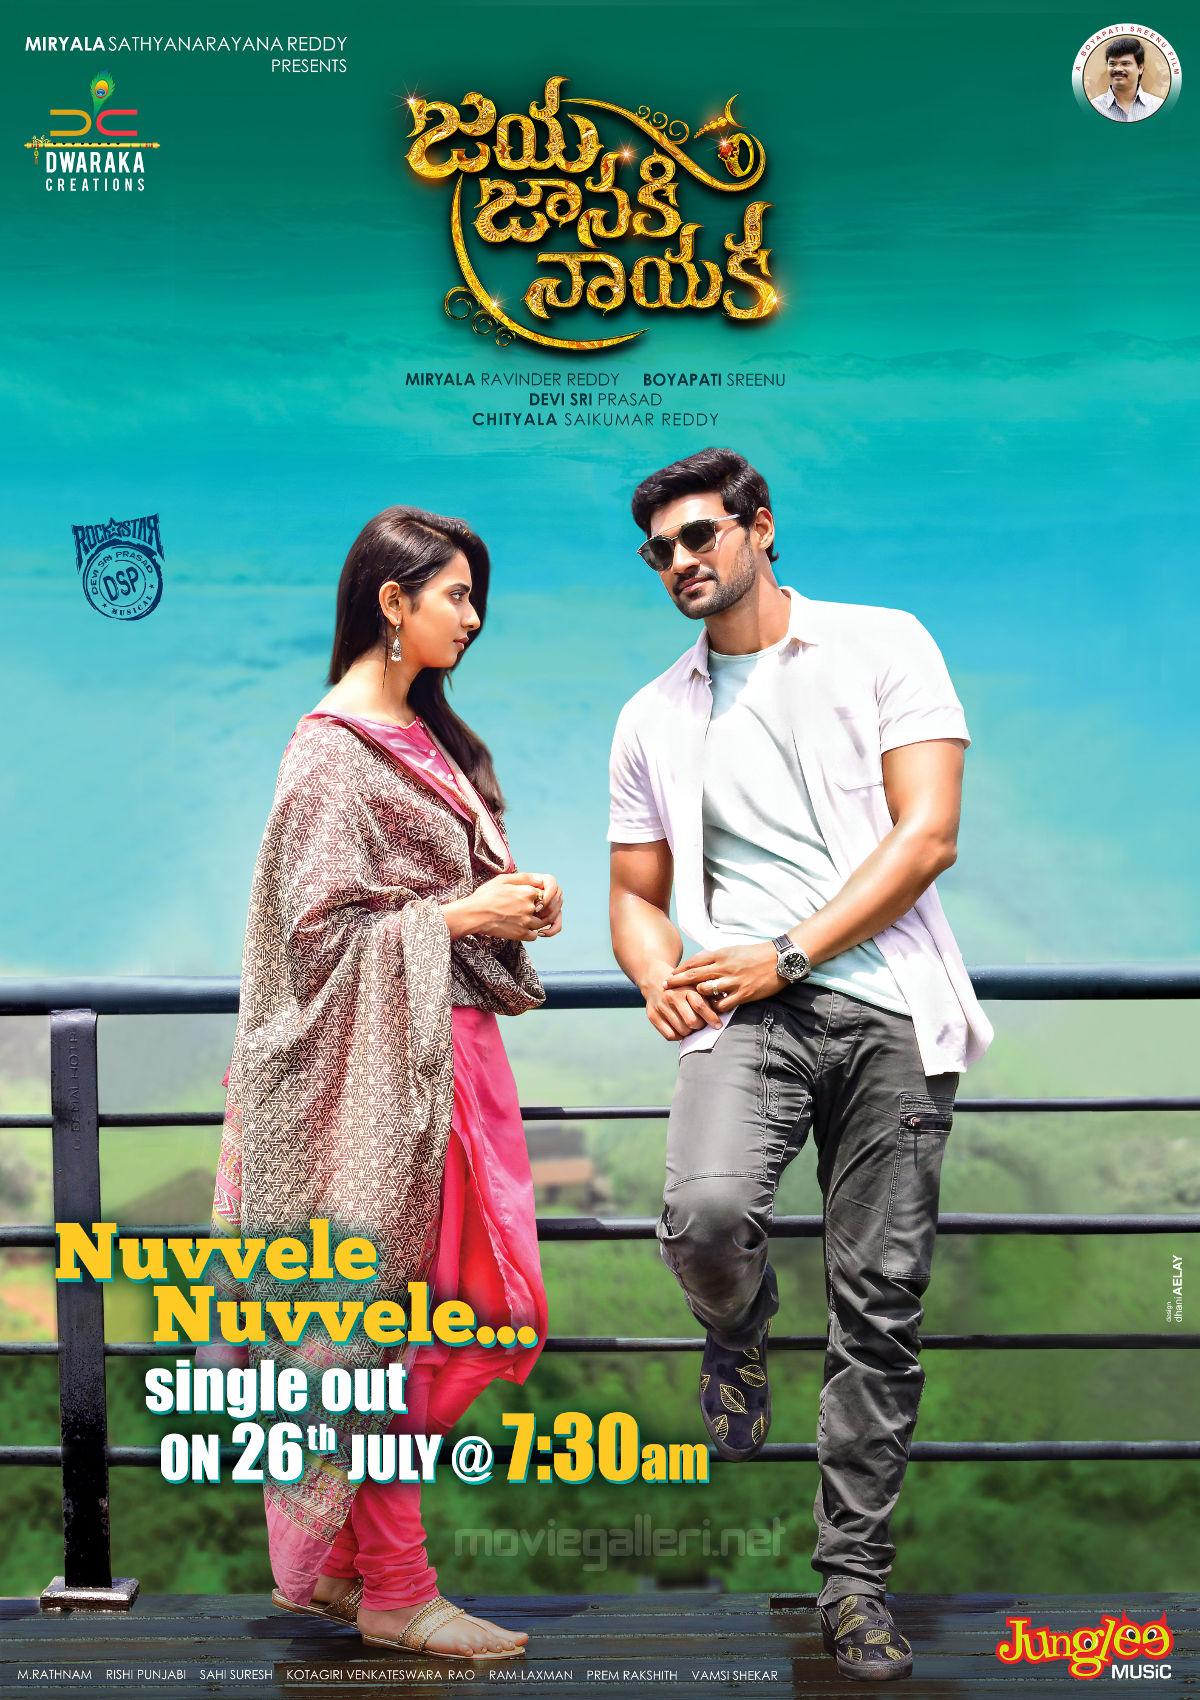 Jaya Janaki Nayaka Nuvvele Nuvvele Single Song Release on July 26th Poster